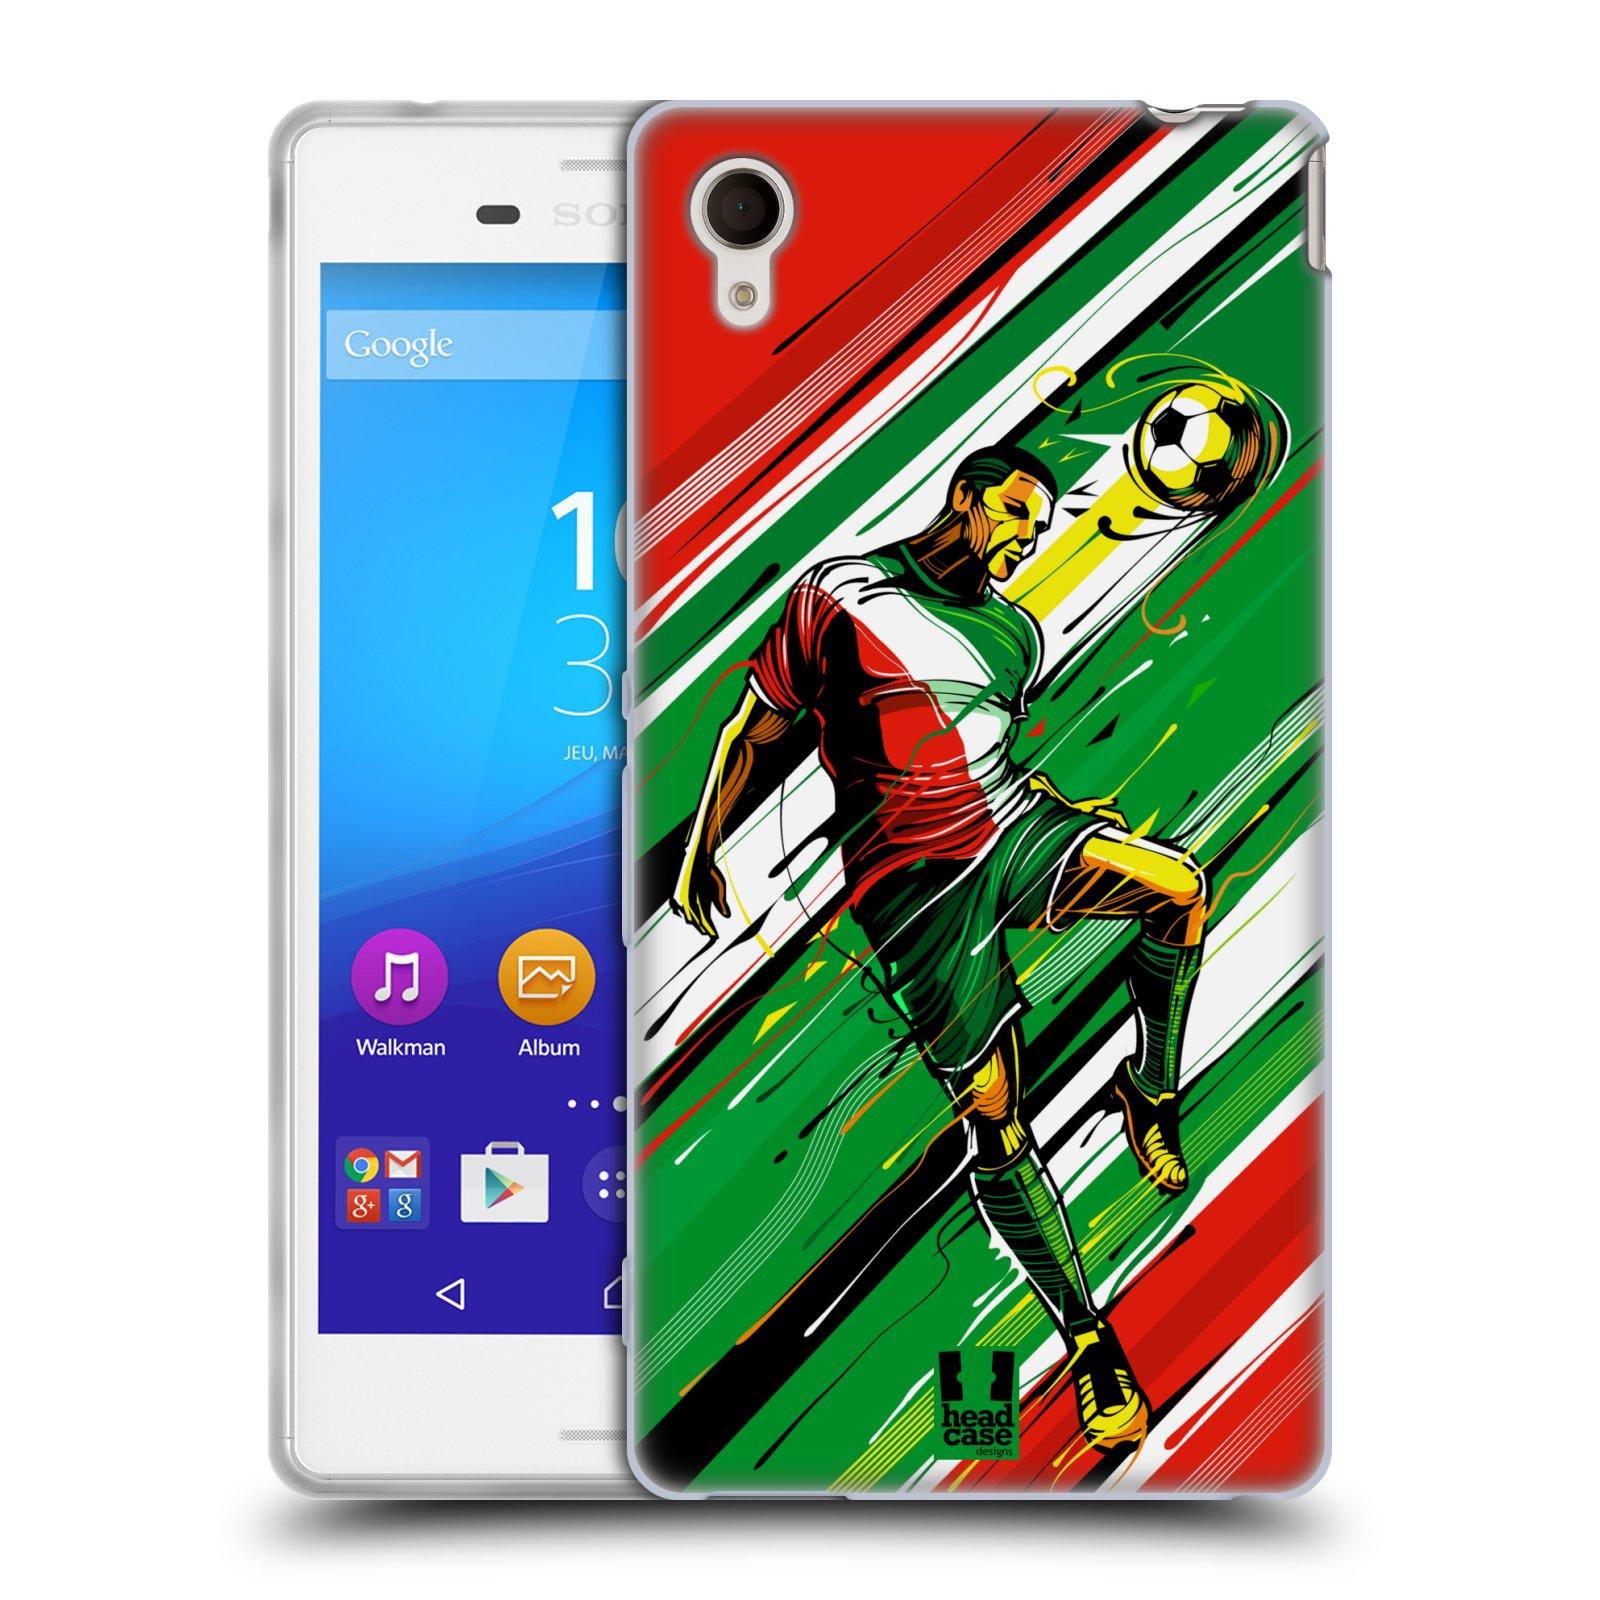 Silikonové pouzdro na mobil Sony Xperia M4 Aqua E2303 HEAD CASE HLAVIČKA (Silikonový kryt či obal na mobilní telefon Sony Xperia M4 Aqua a M4 Aqua Dual SIM)